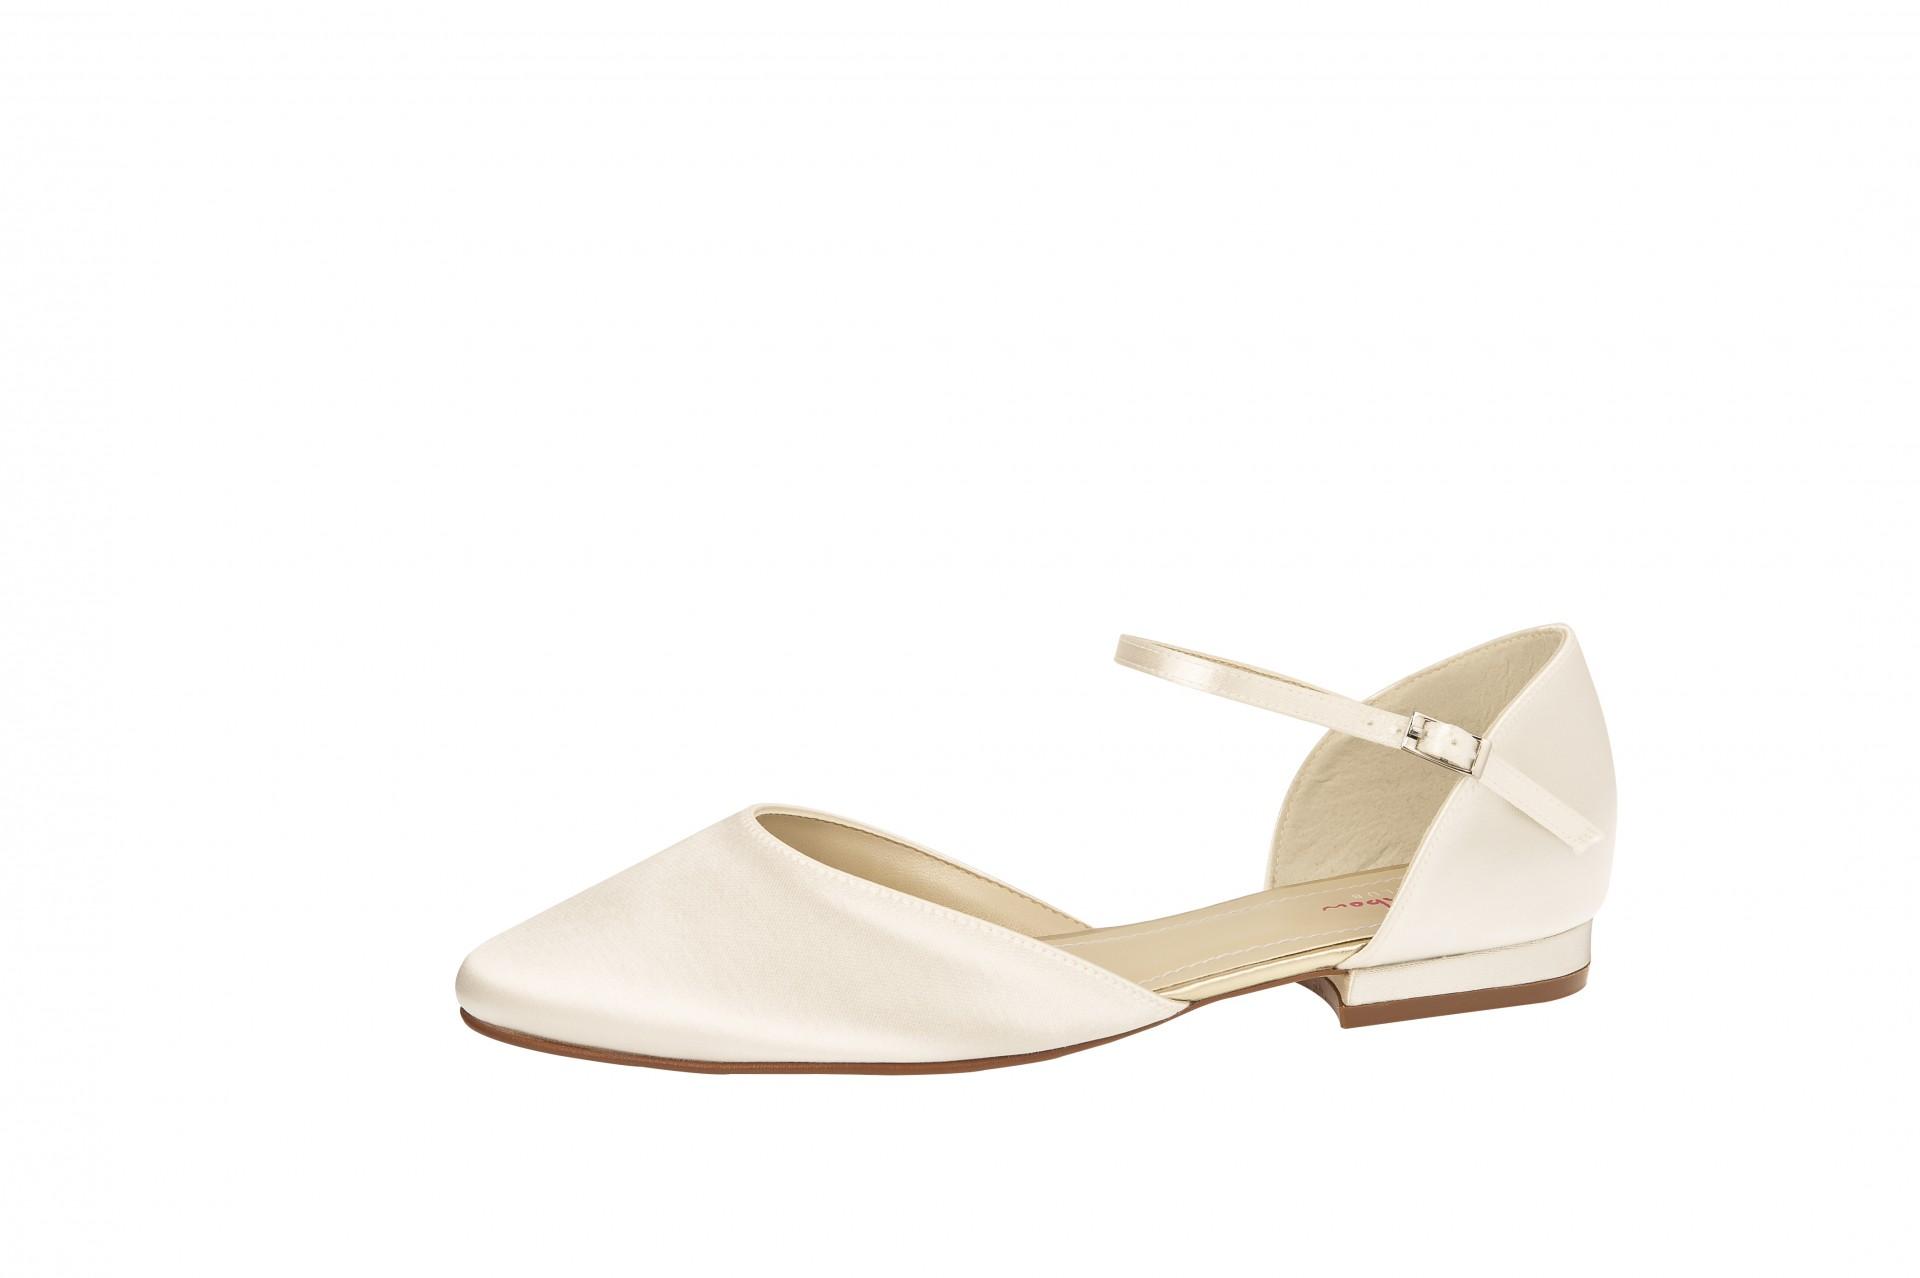 Elsa Coloured Shoes: Cameron